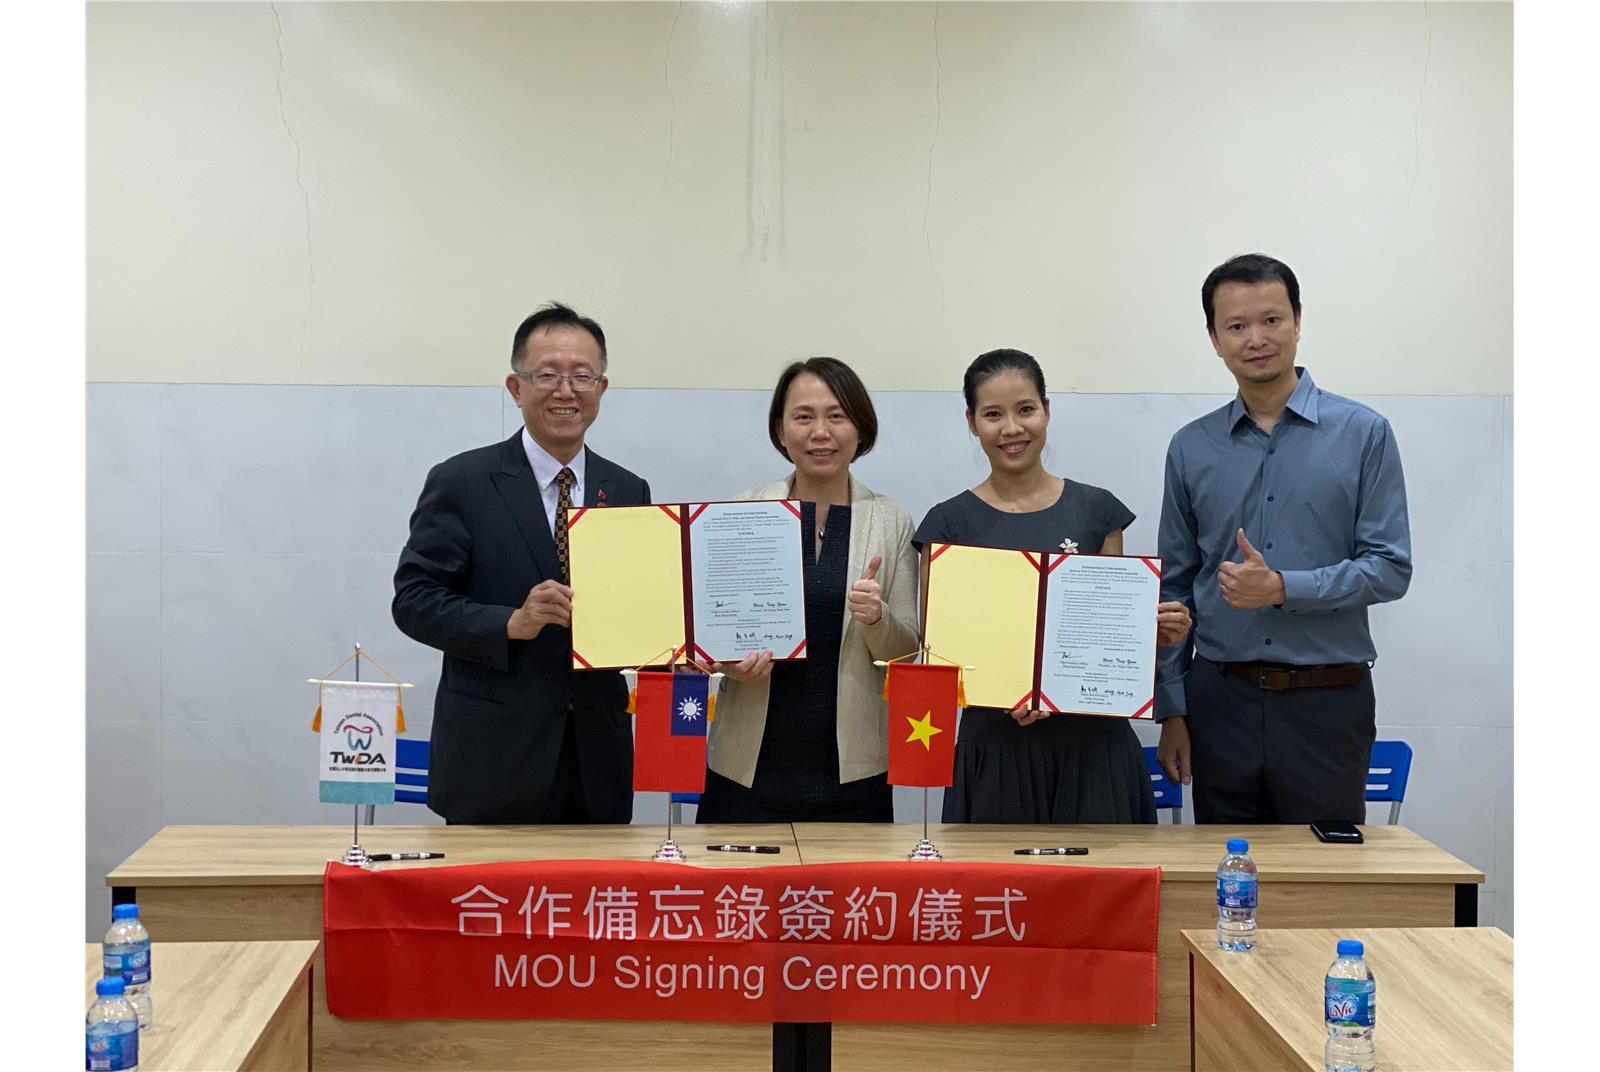 南科攜手牙醫師全聯會,臺灣醫材在越南市場放光芒。(南科管理局提供)